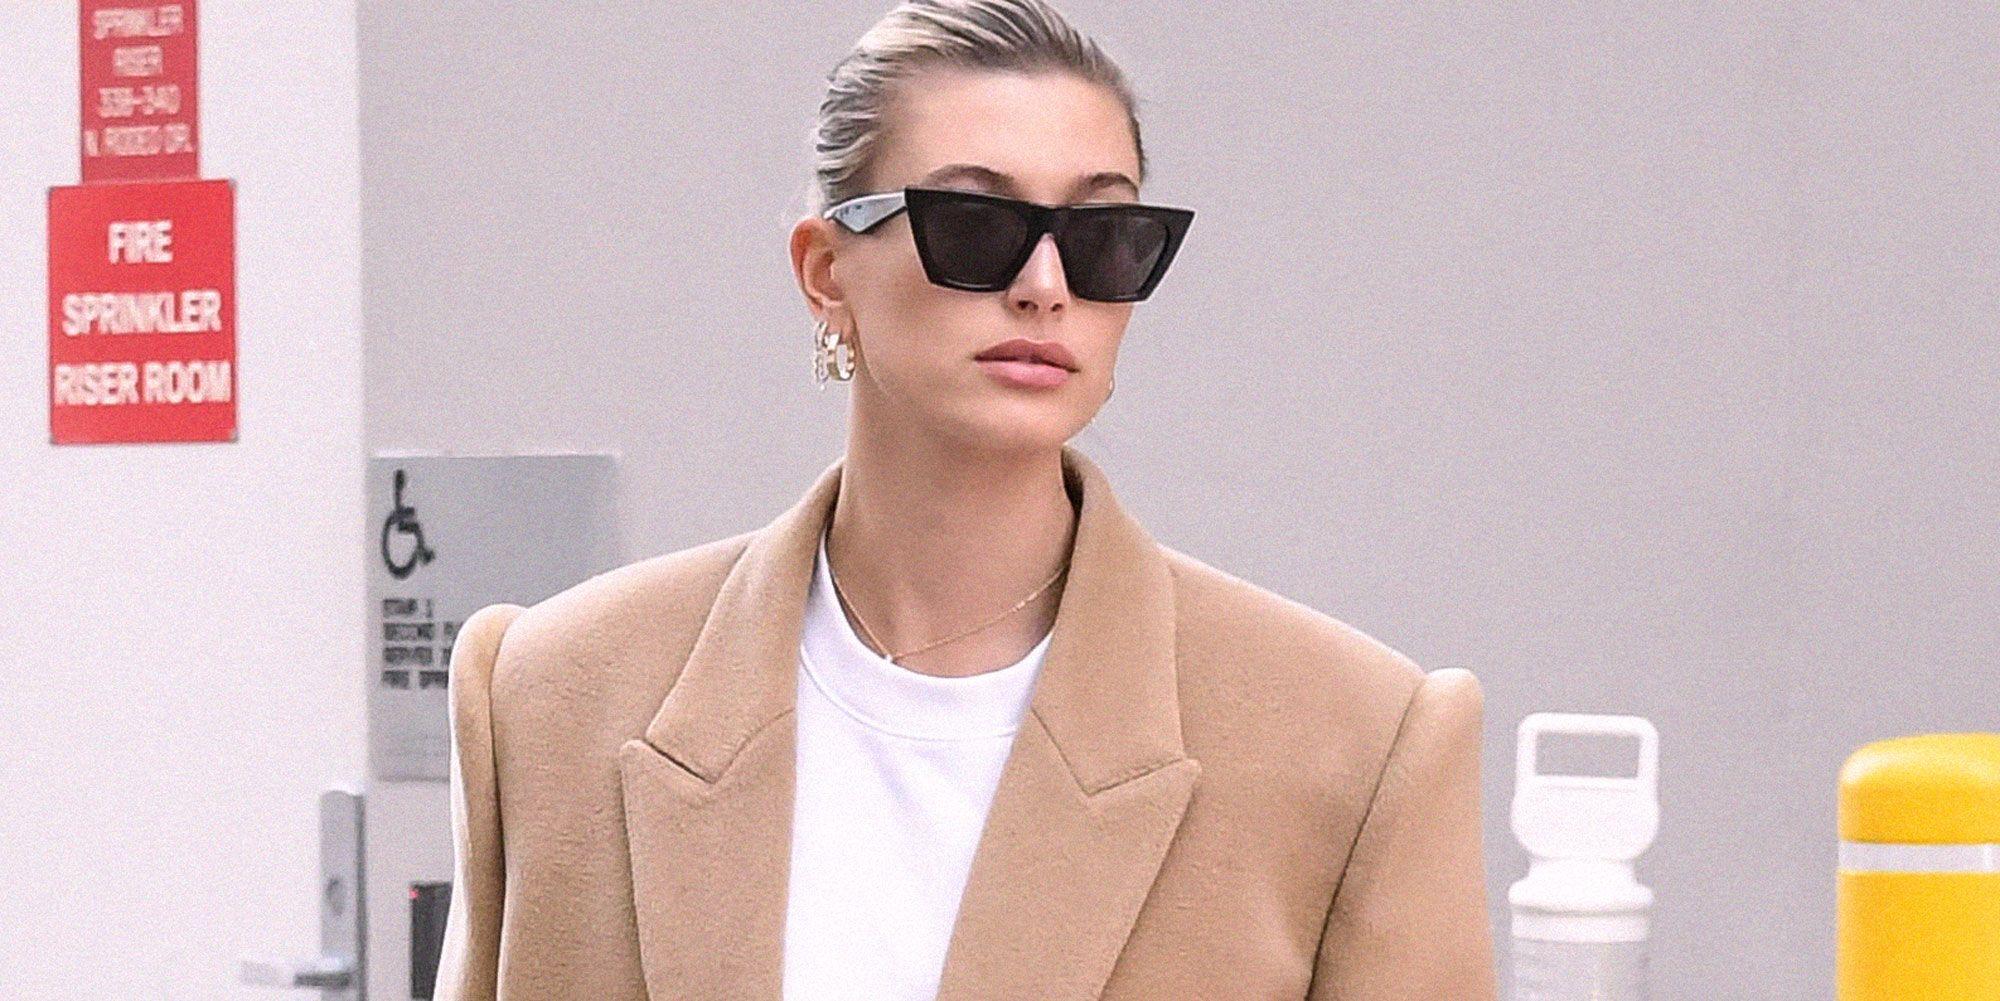 Cappotto inverno 2020, cammello come Hailey Baldwin è moda chic